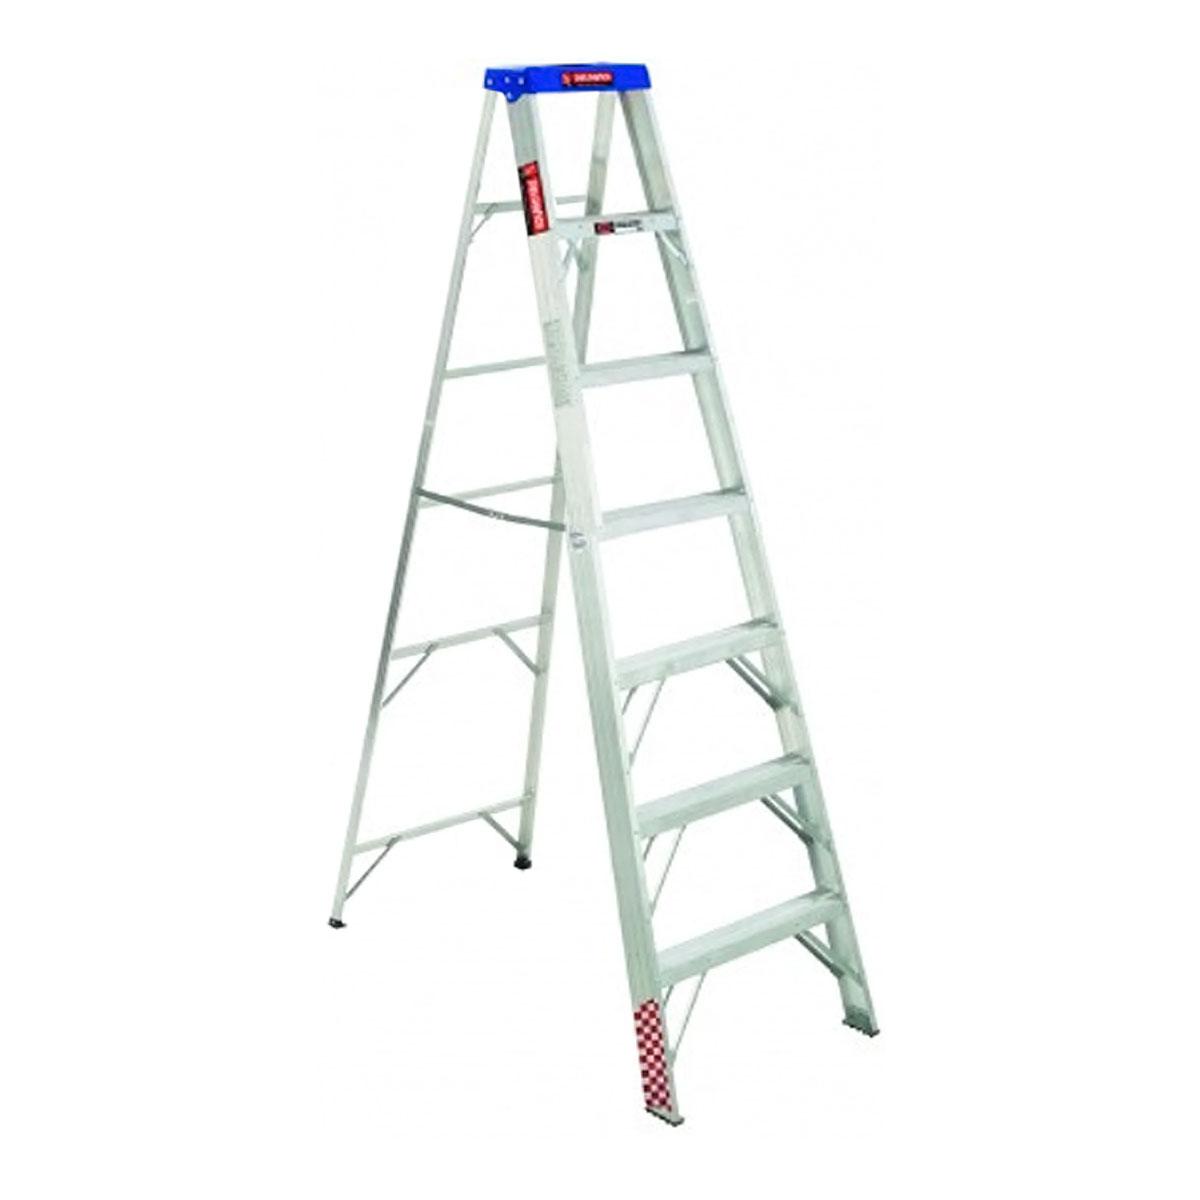 Escalera Tijera Aluminio 7 Peldaños Tipo Ii 706789 Peldaños